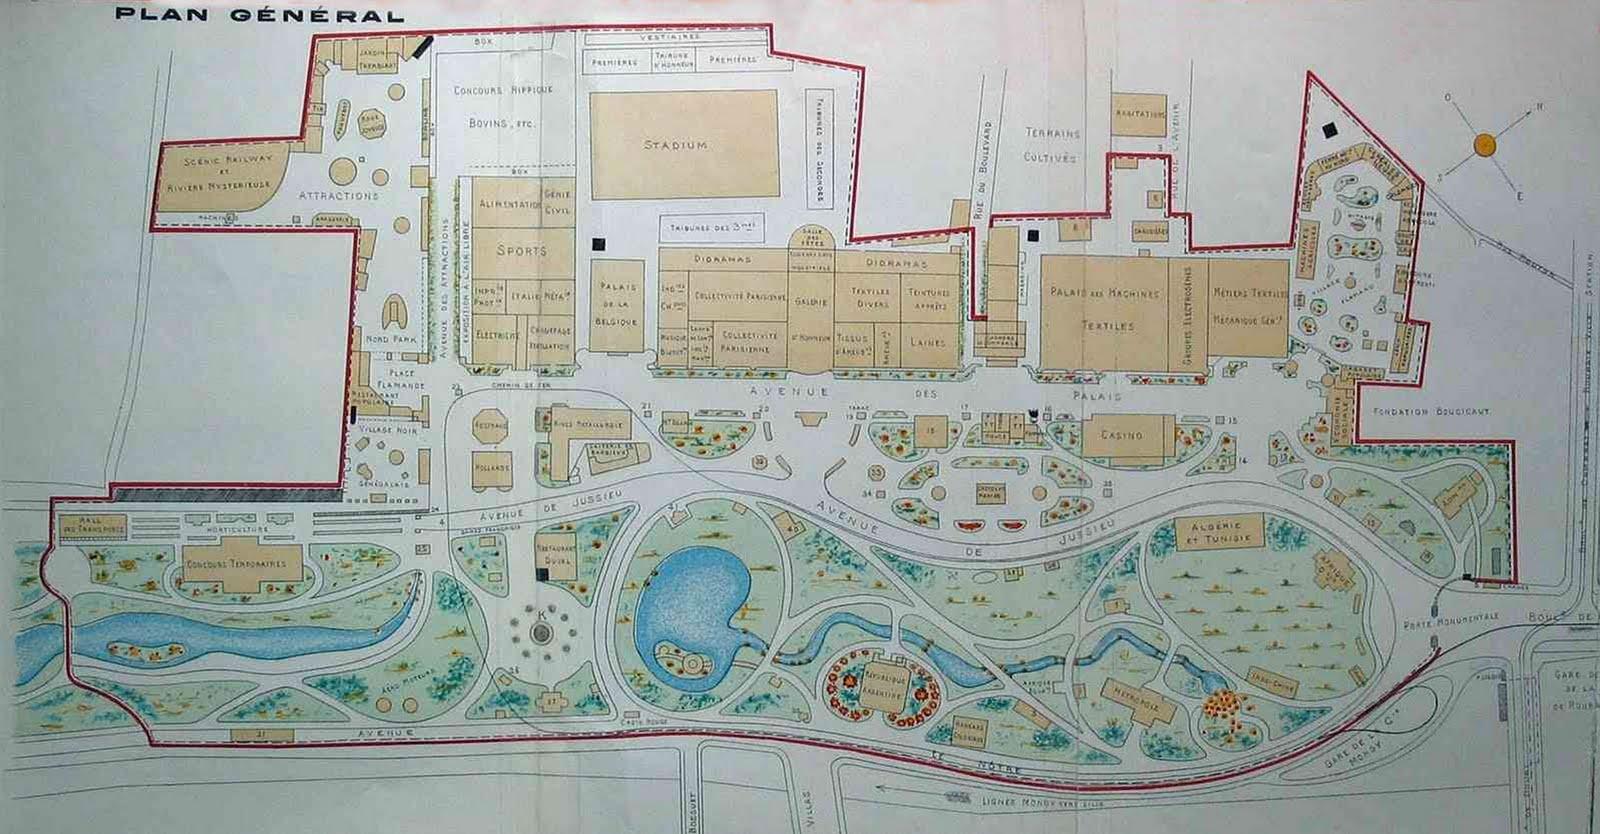 Plan général de l'exposition universelle de Roubaix en 1911